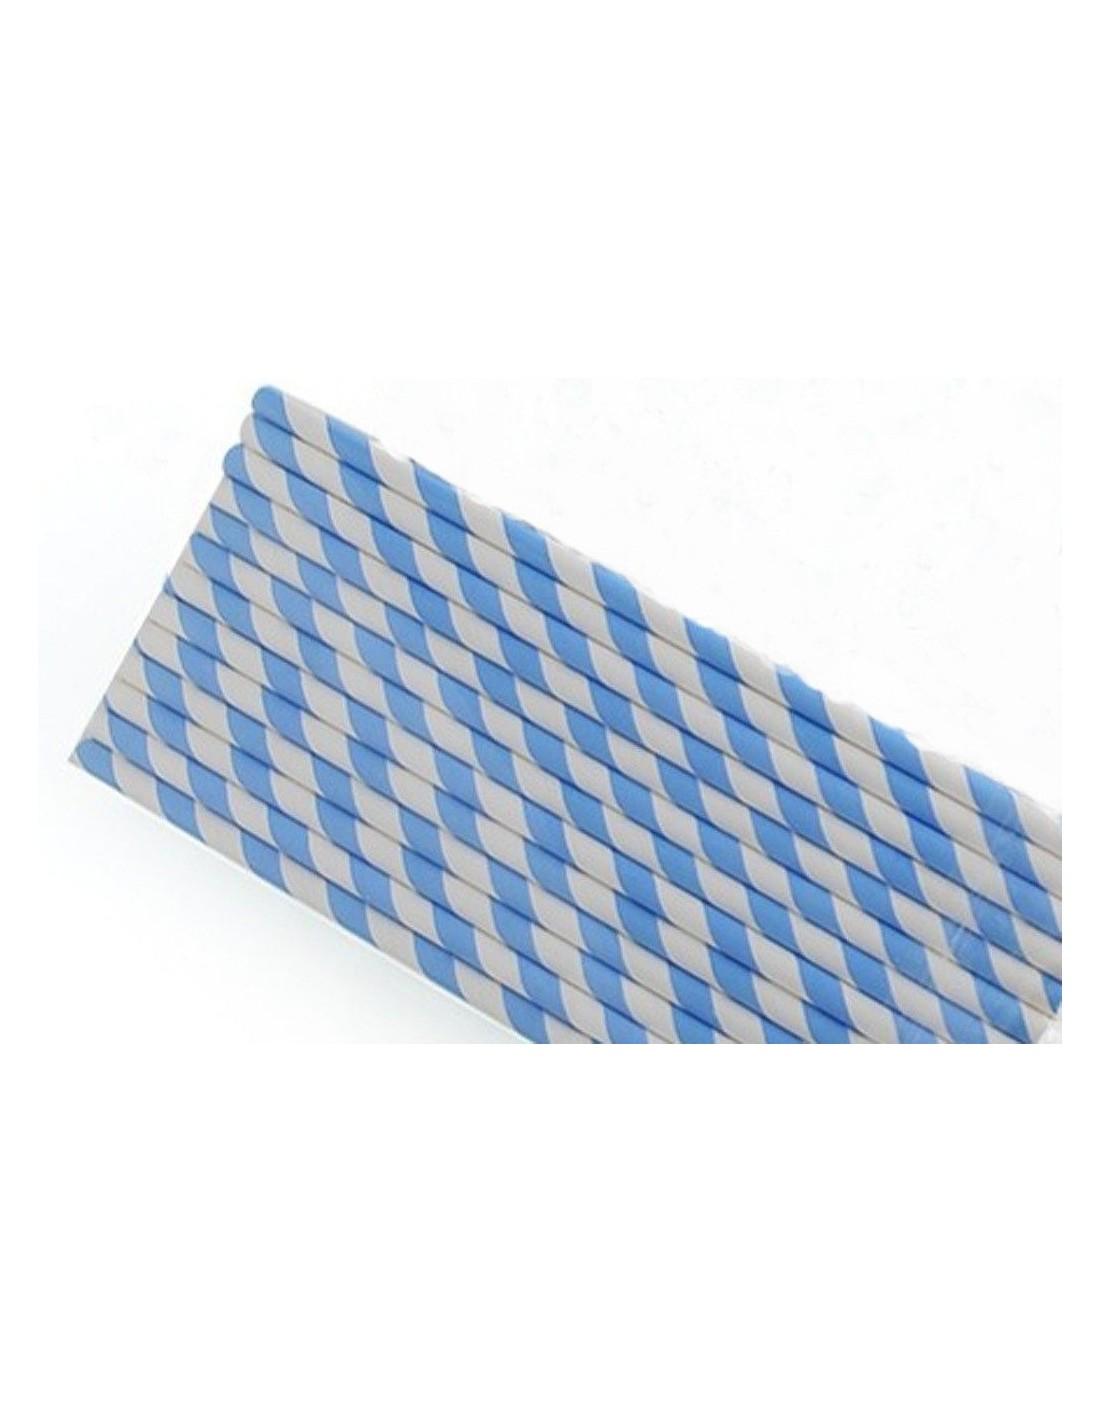 Pajitas de papel blancas con rayas azul cielo for Papel con rayas